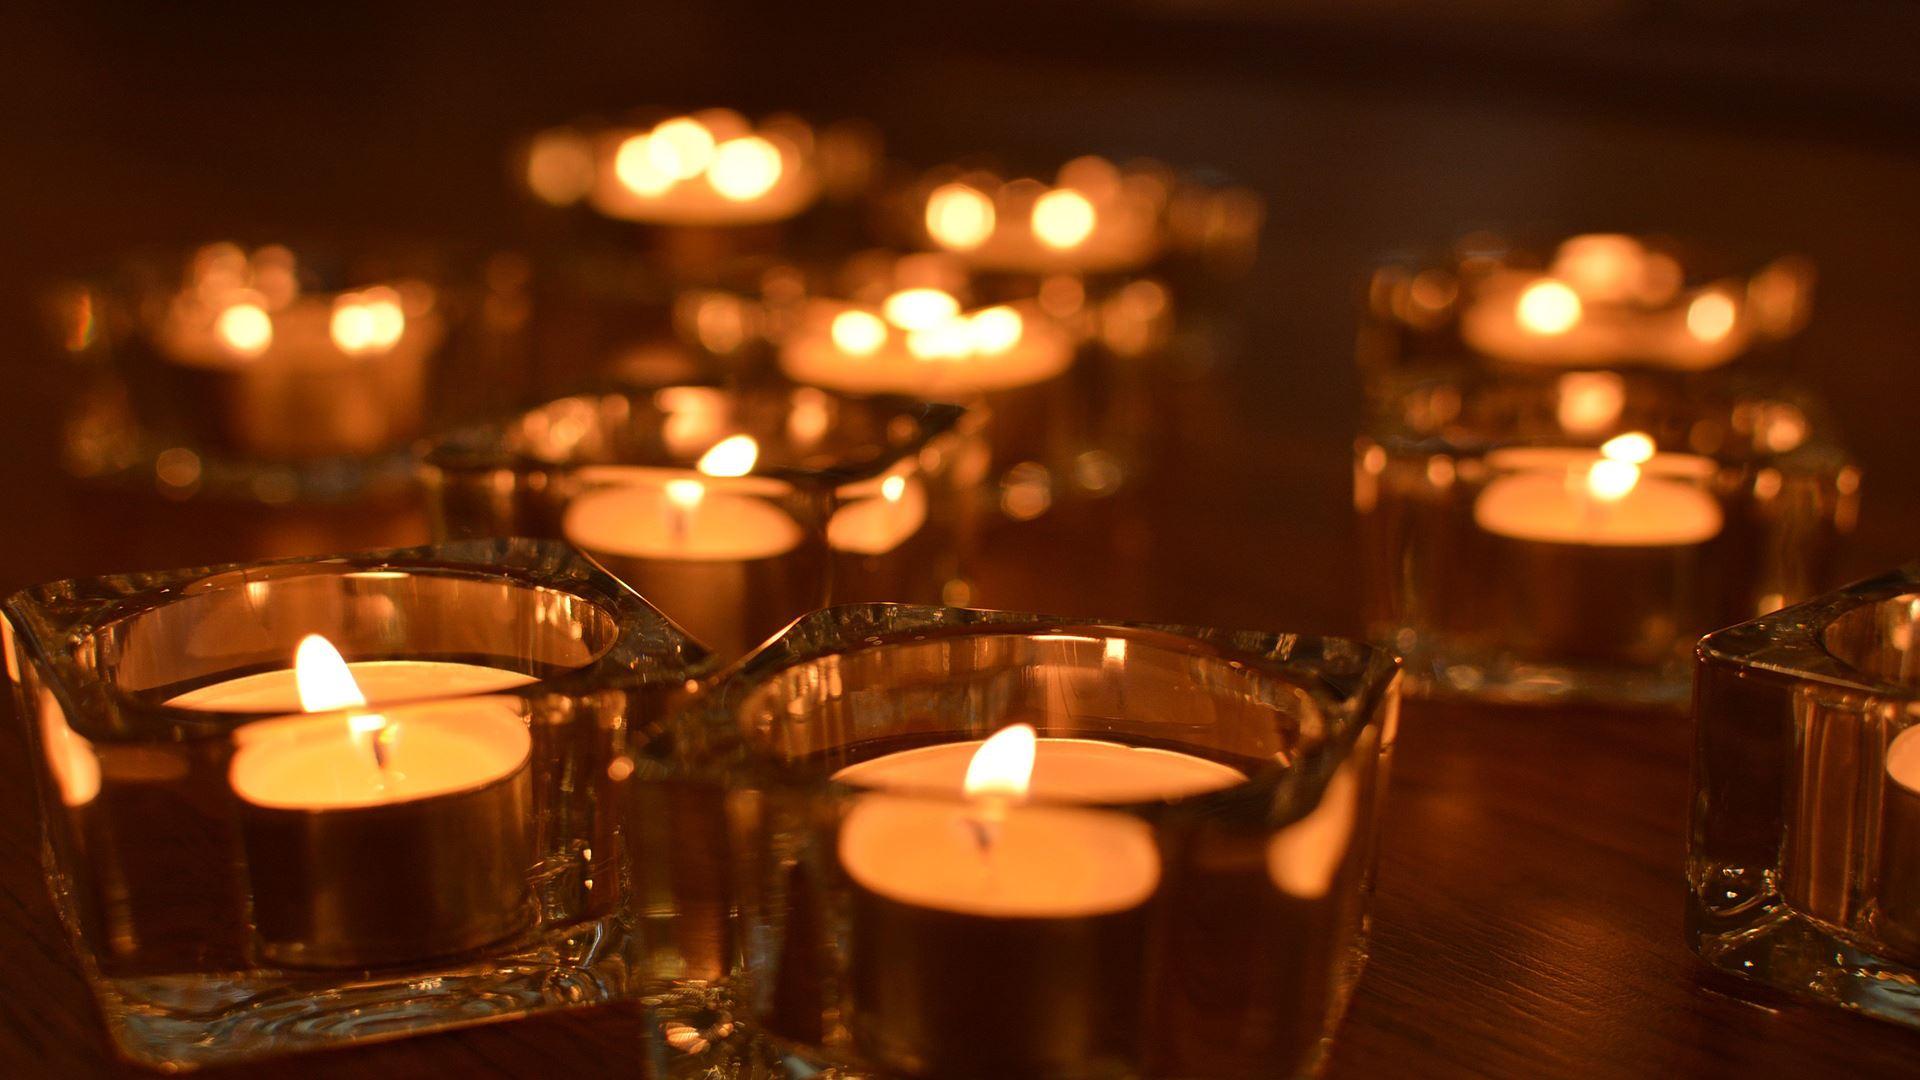 Ljuskväll med avslappning och meditation